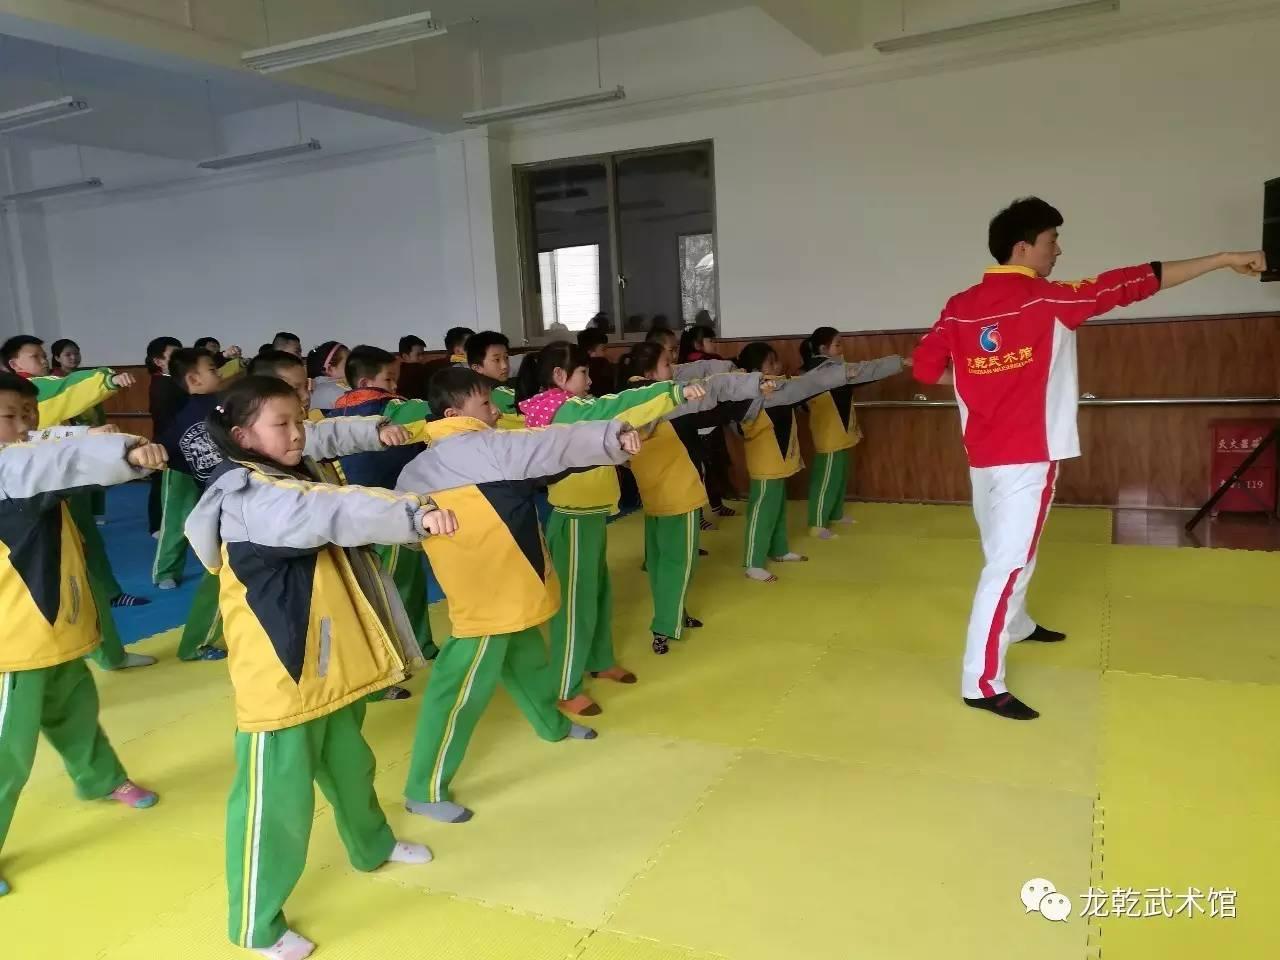 武术进校园贵州少儿武术培训学校把武术带进校园